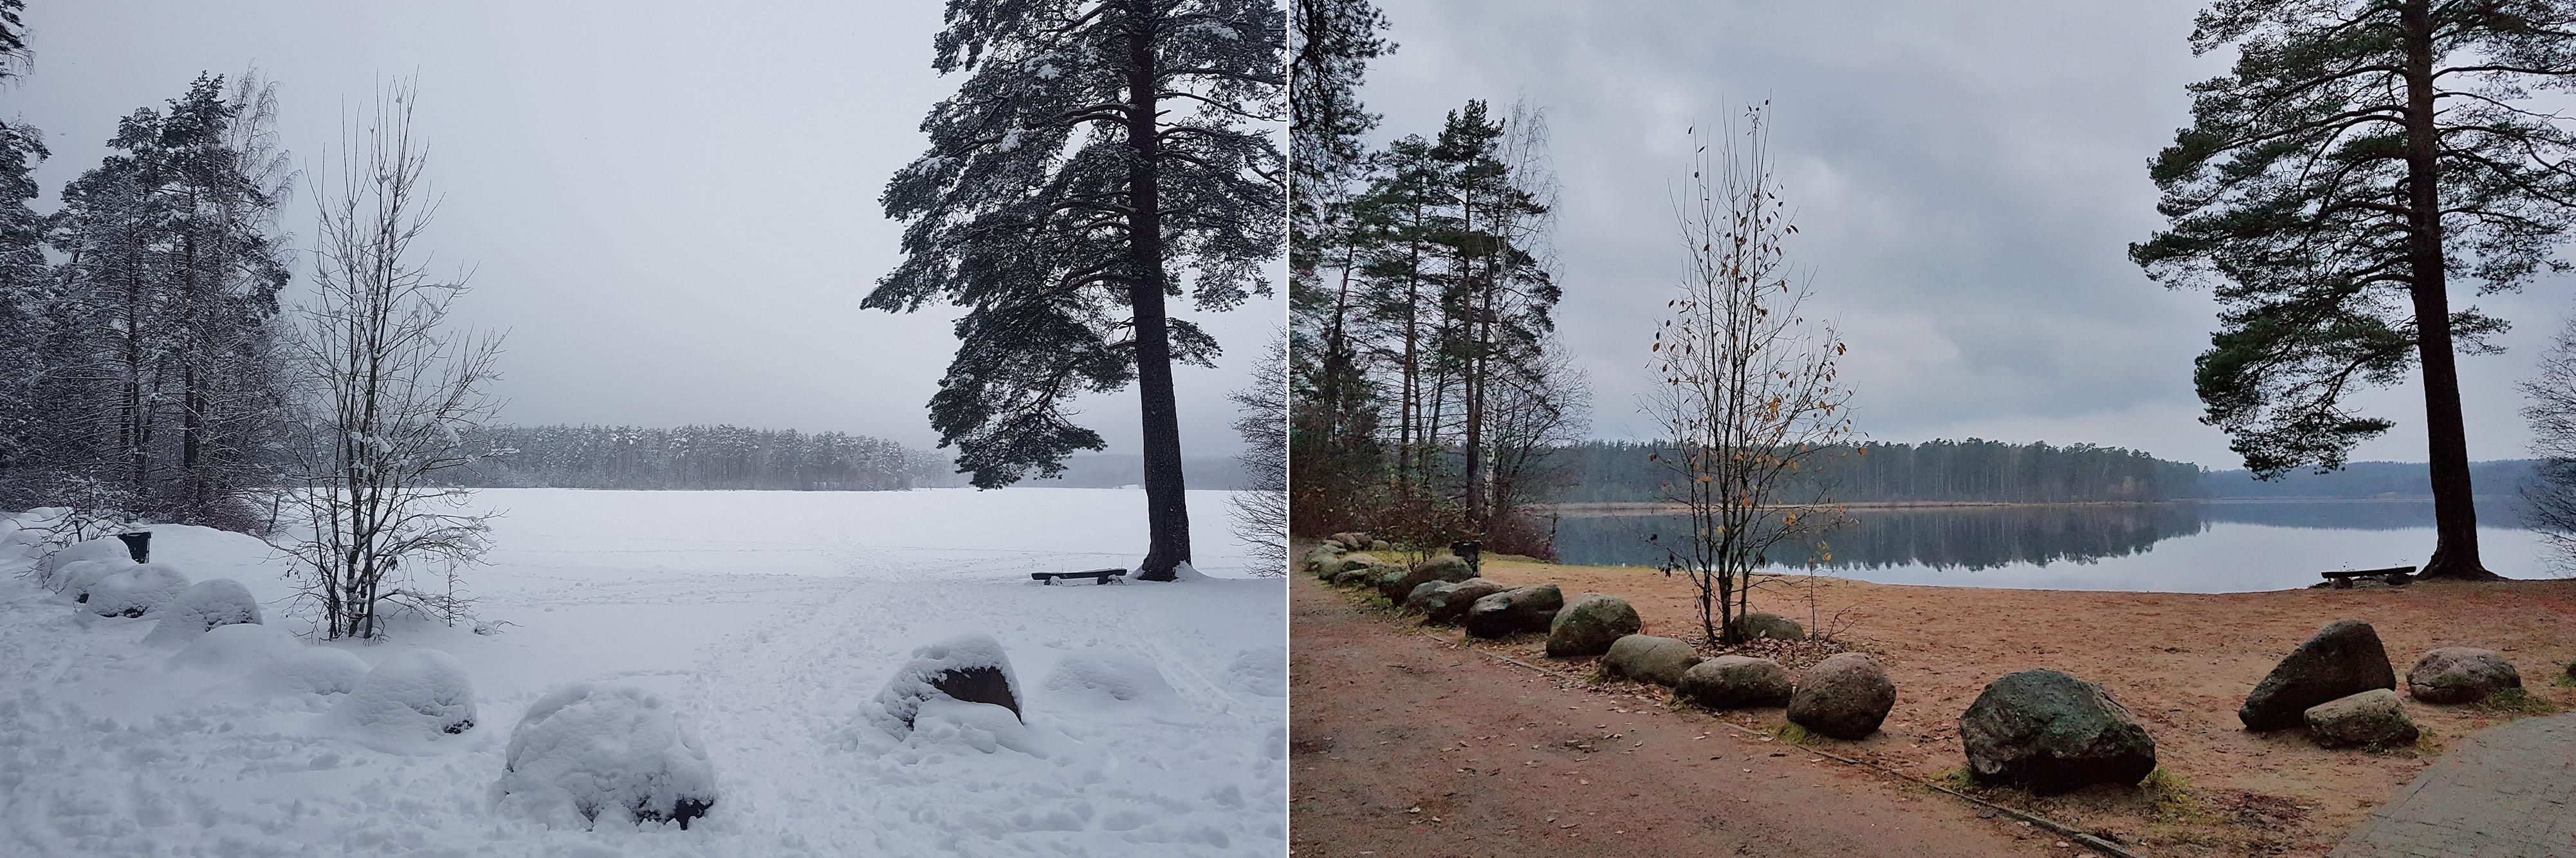 Щучье озеро осенью и зимой